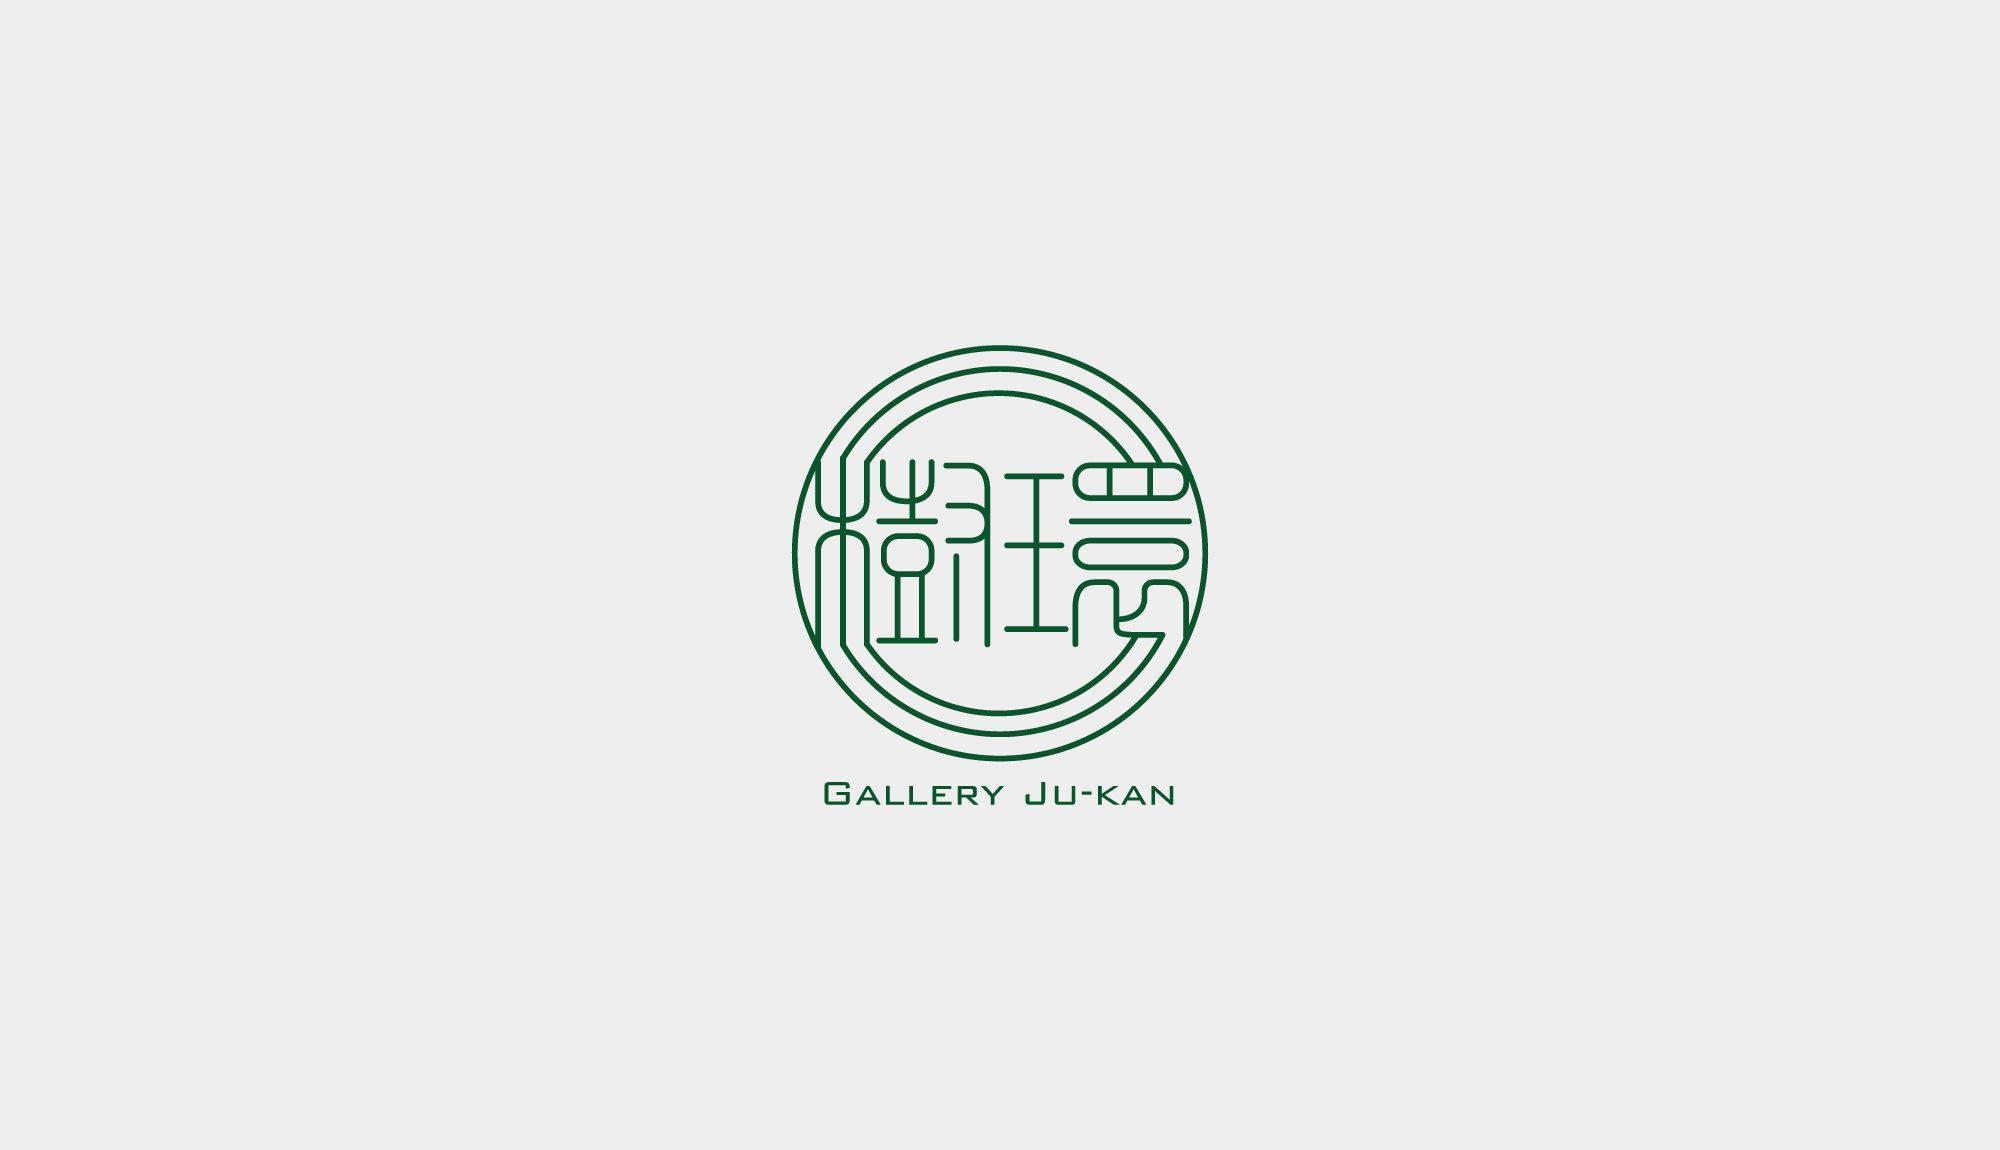 ギャラリー樹環 ロゴ・ショップカードデザイン